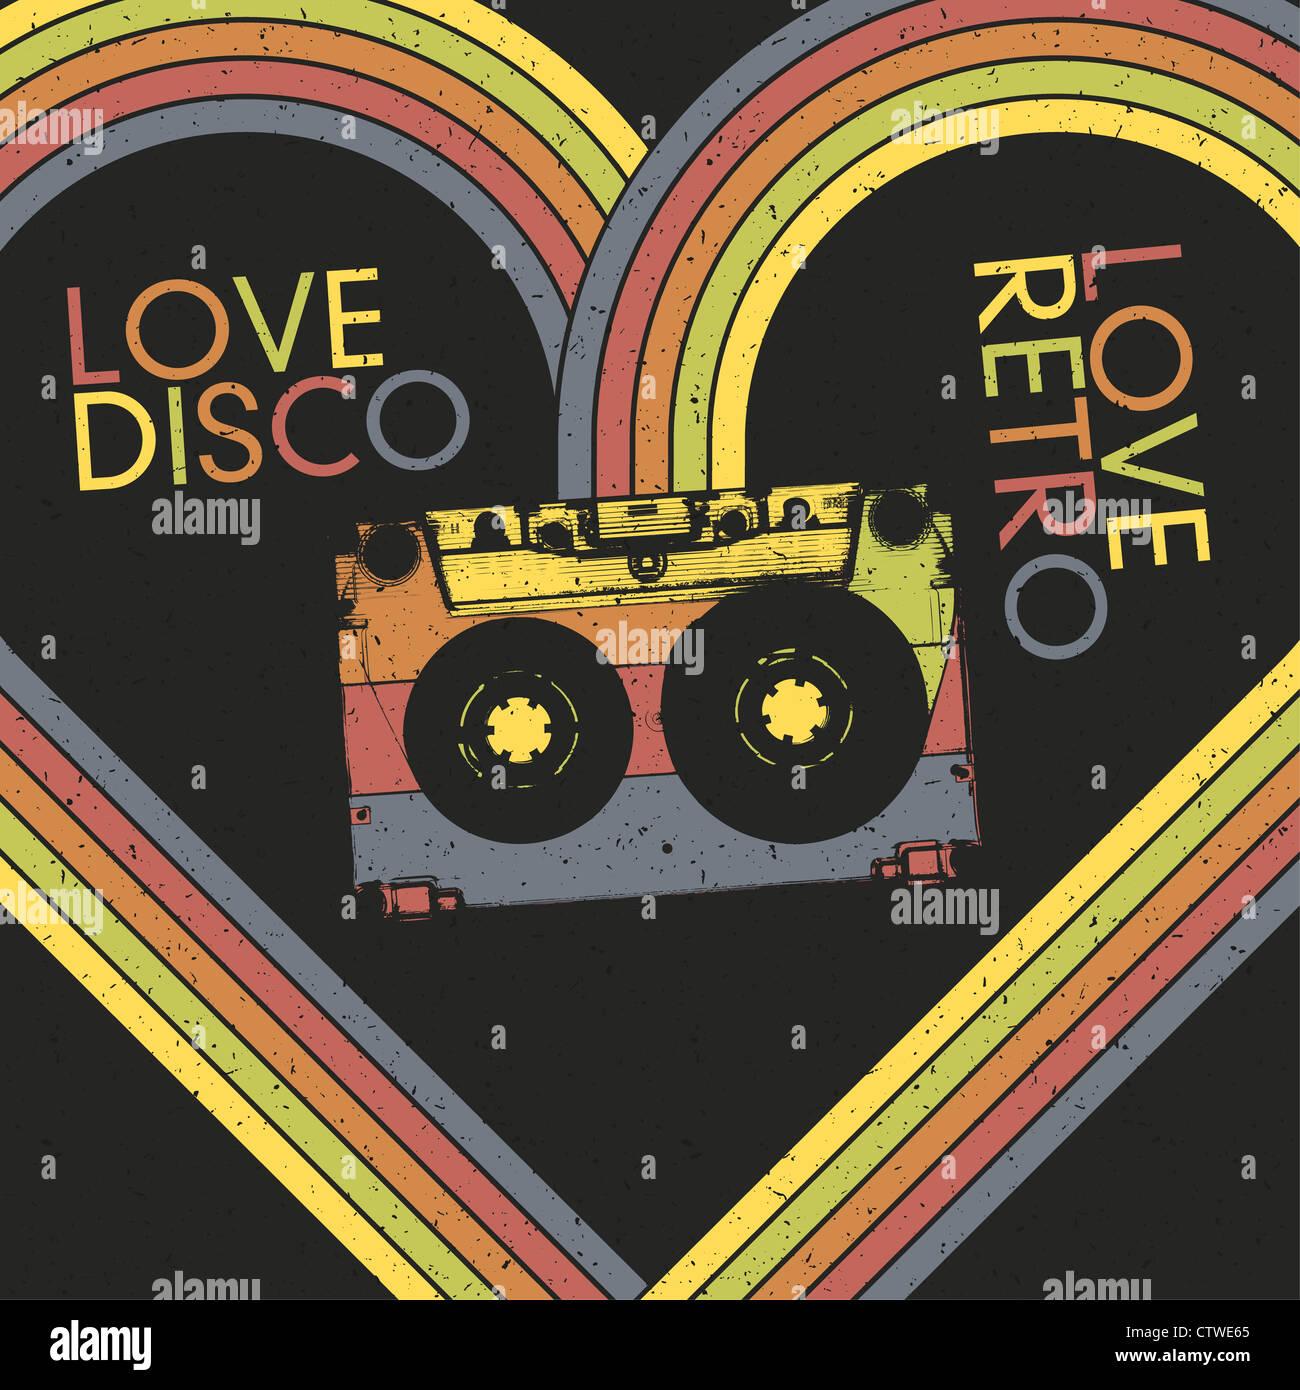 Amor, amor de discoteca Retro. Plantilla de diseño de carteles Vintage Foto de stock